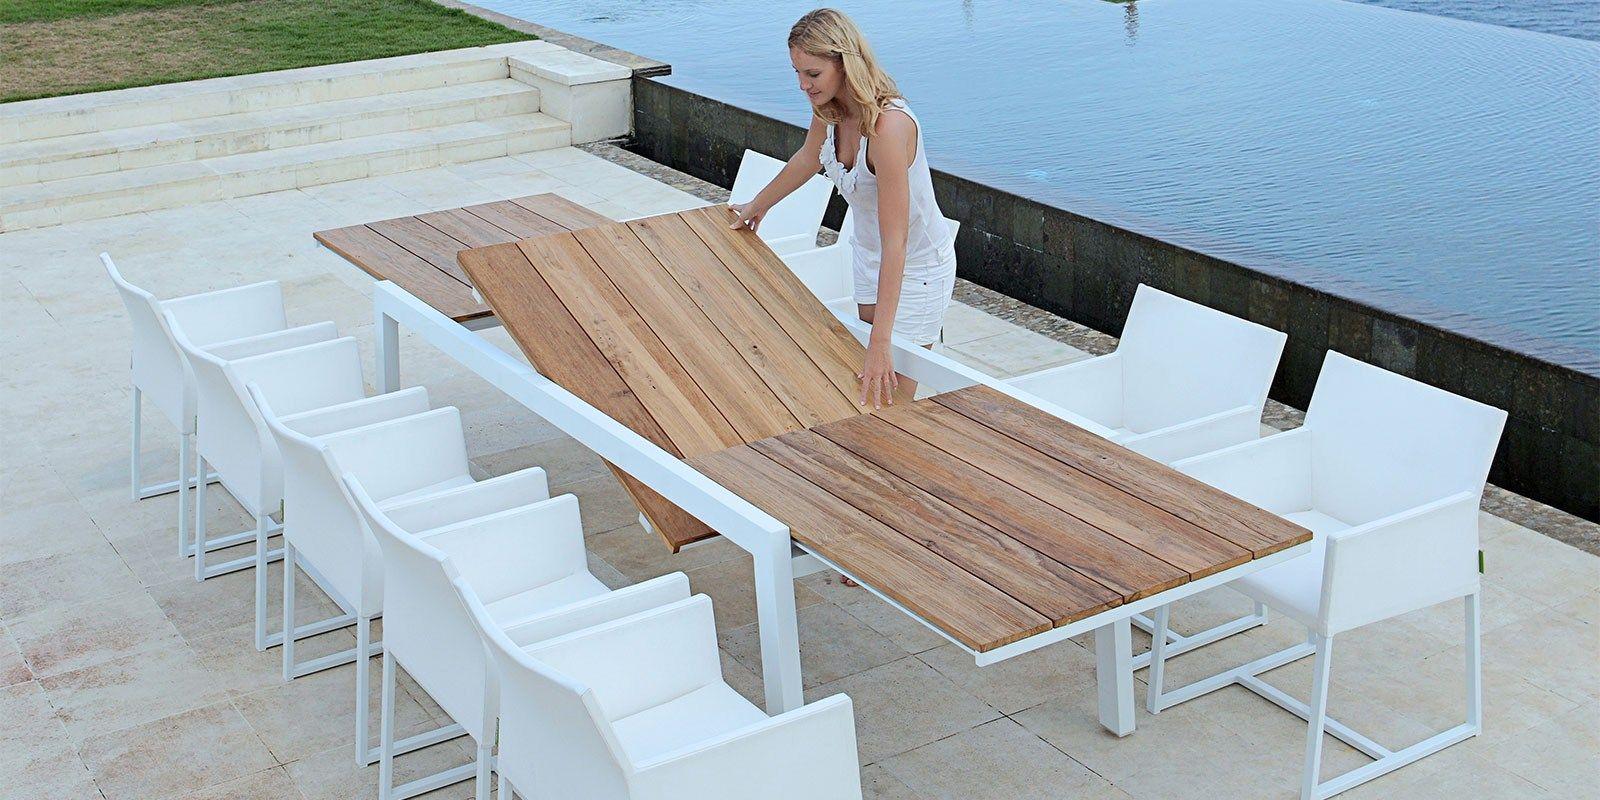 Tavolo Esterno Teak Amalfi : Tavolo allungabile da giardino in alluminio e legno baia